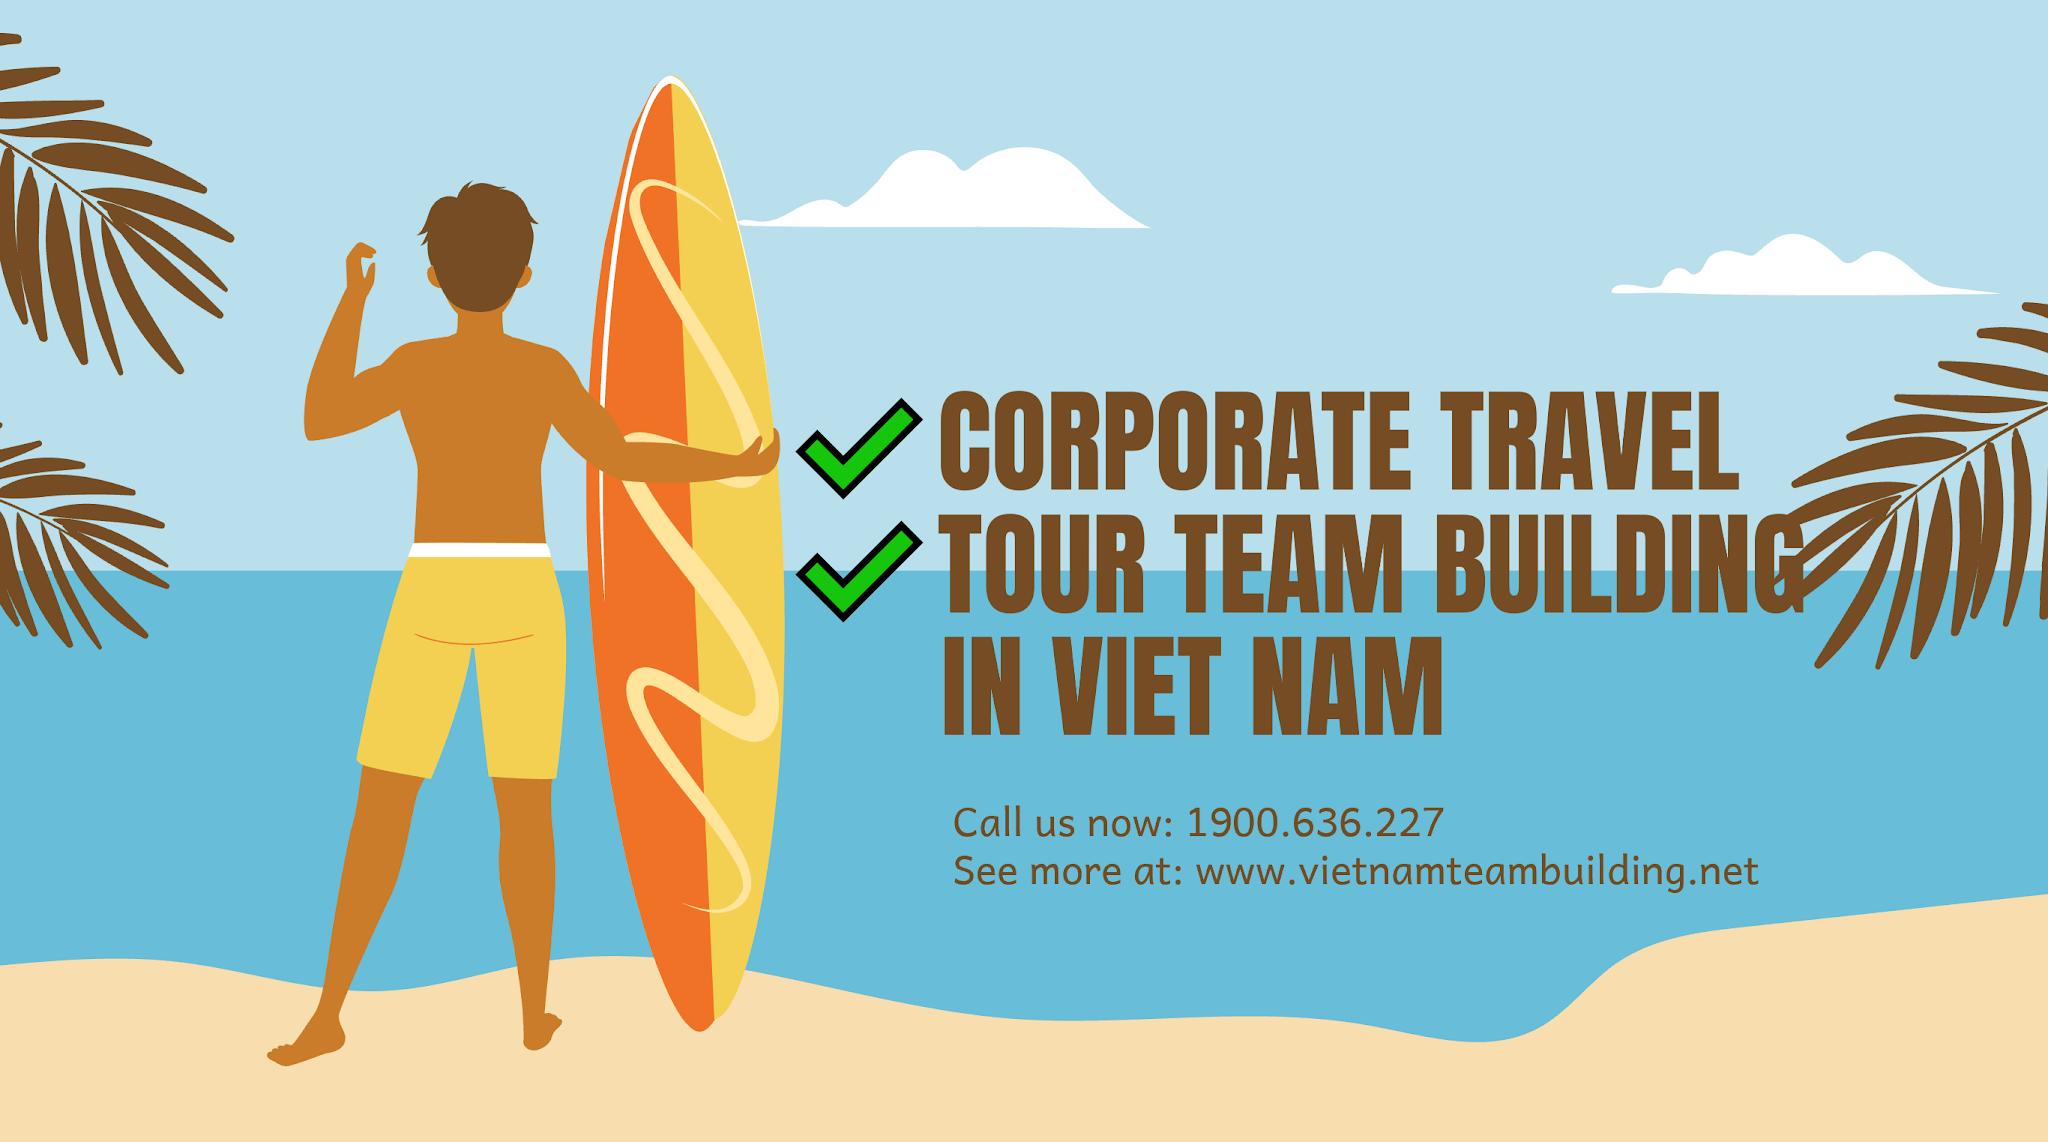 Xây Dựng Đội Ngũ chuyên nghiệp, Lên tinh thần, Tạo động lực cho nhân viên doanh nghiệp, VNTBD, Vietnamteambuilding, Teambuilding TPHCM, Công ty tổ chức team building tại TPHCM